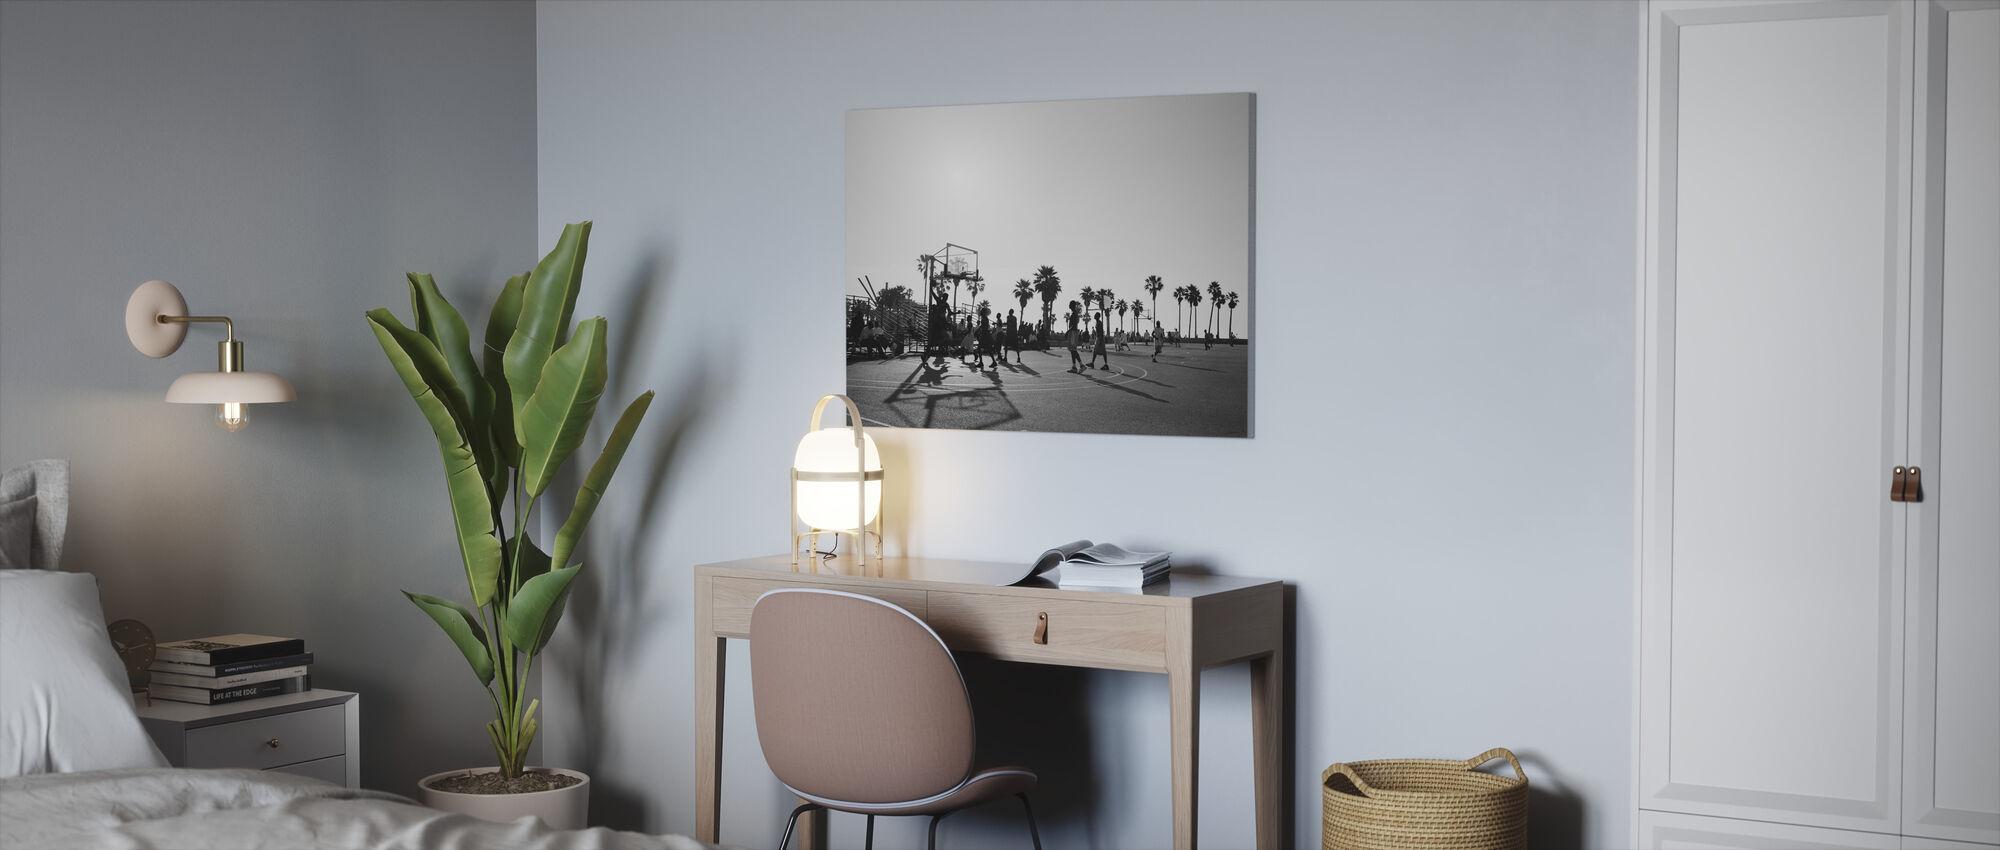 Koripallo kaduilla Los Angeles, Kalifornia - Canvastaulu - Toimisto